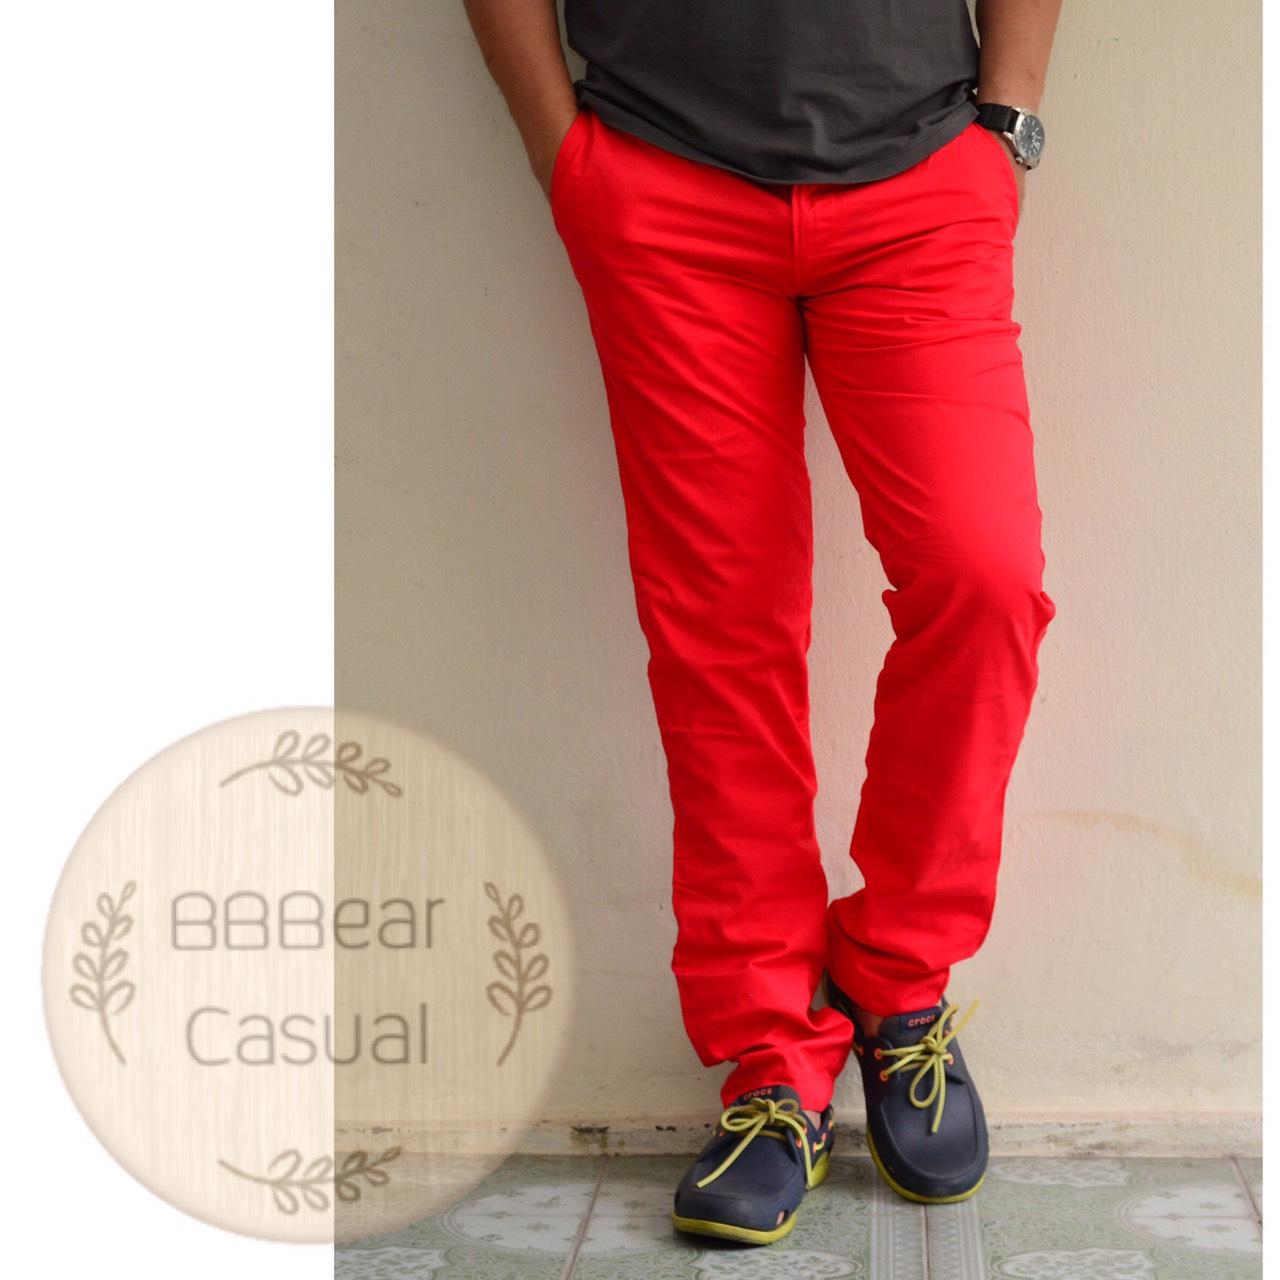 กางเกงขายาว ขากระบอก สีแดง